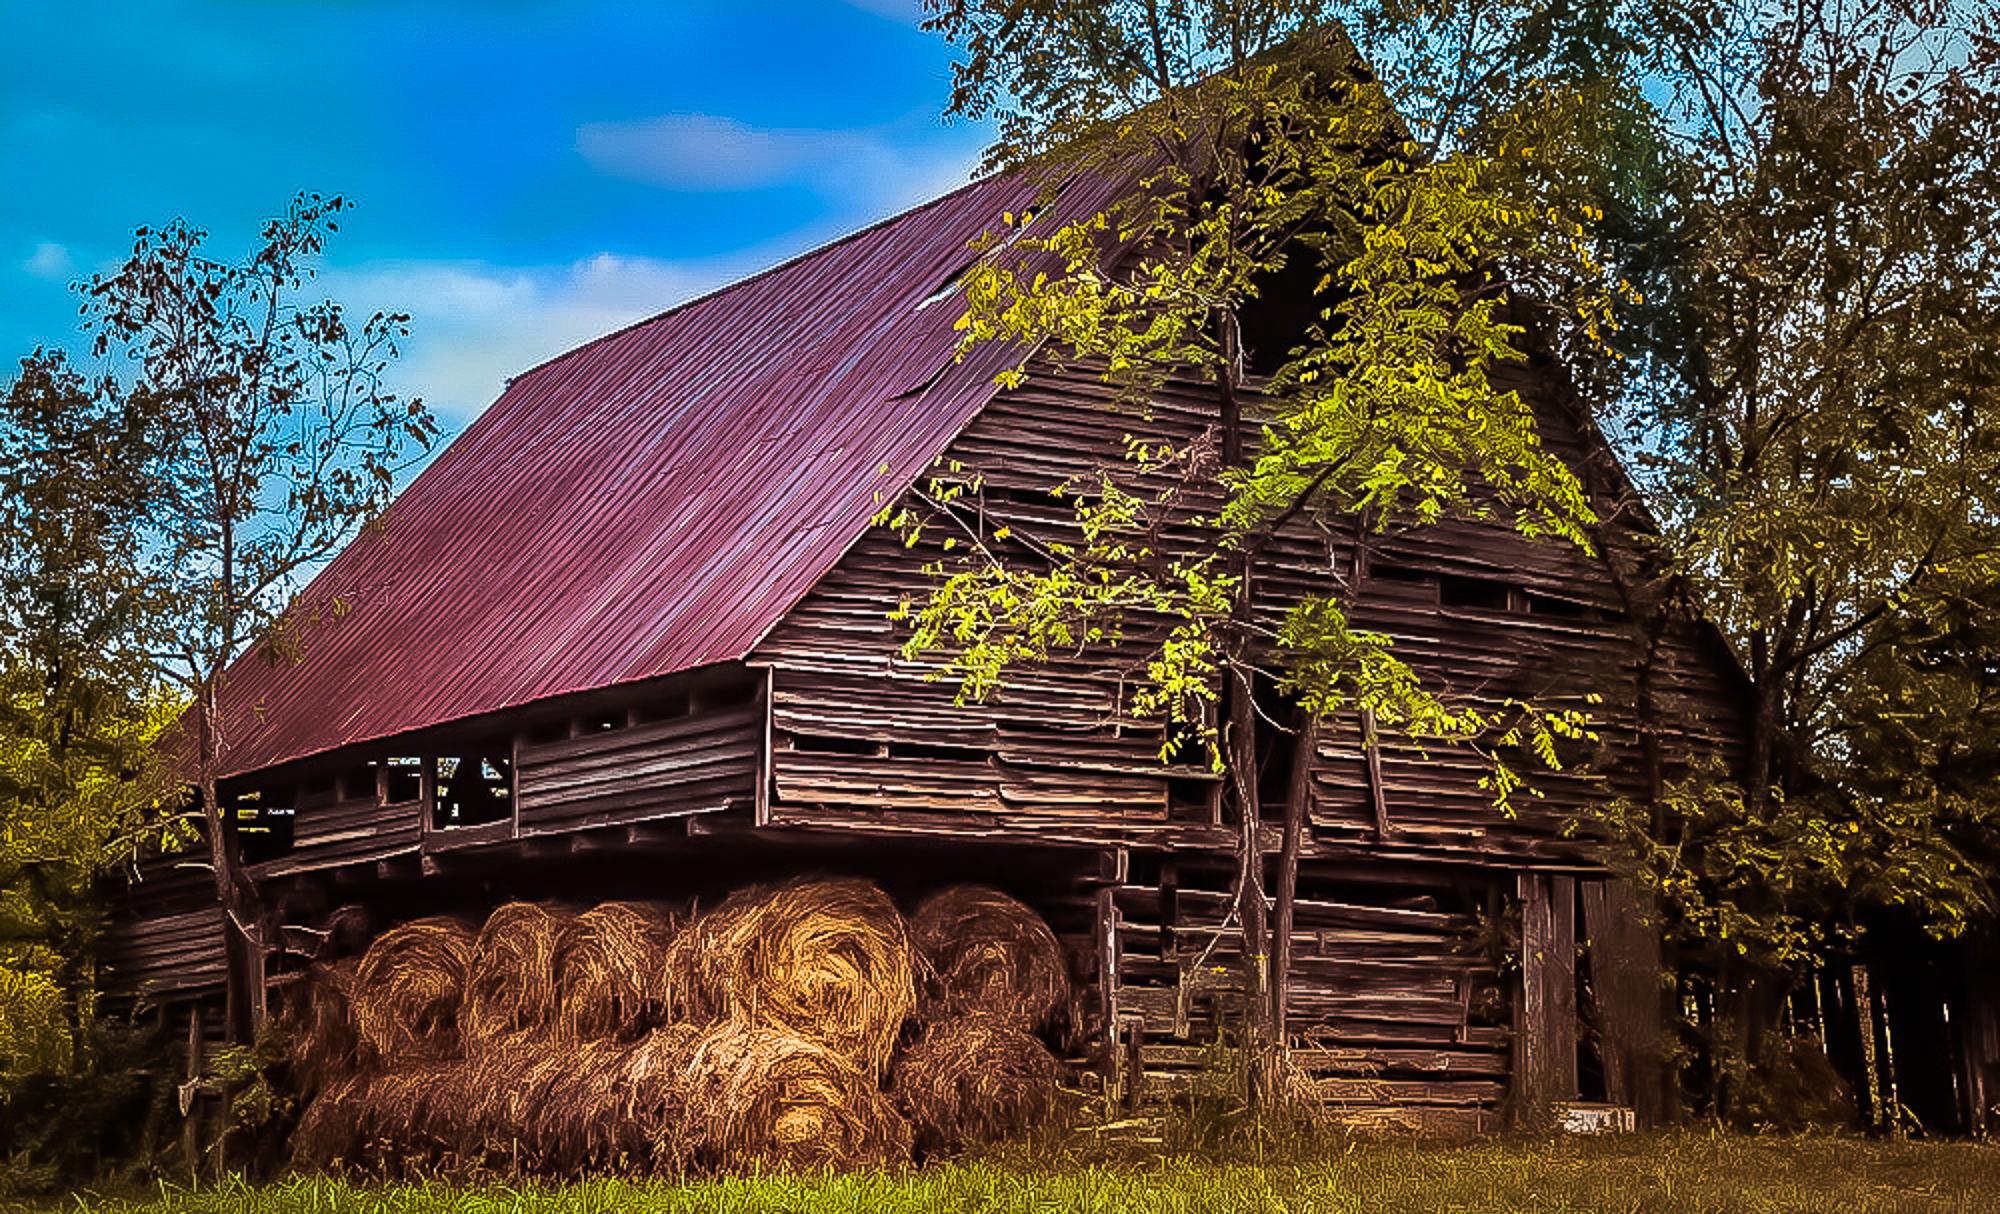 58072A - Barn w/ Hay